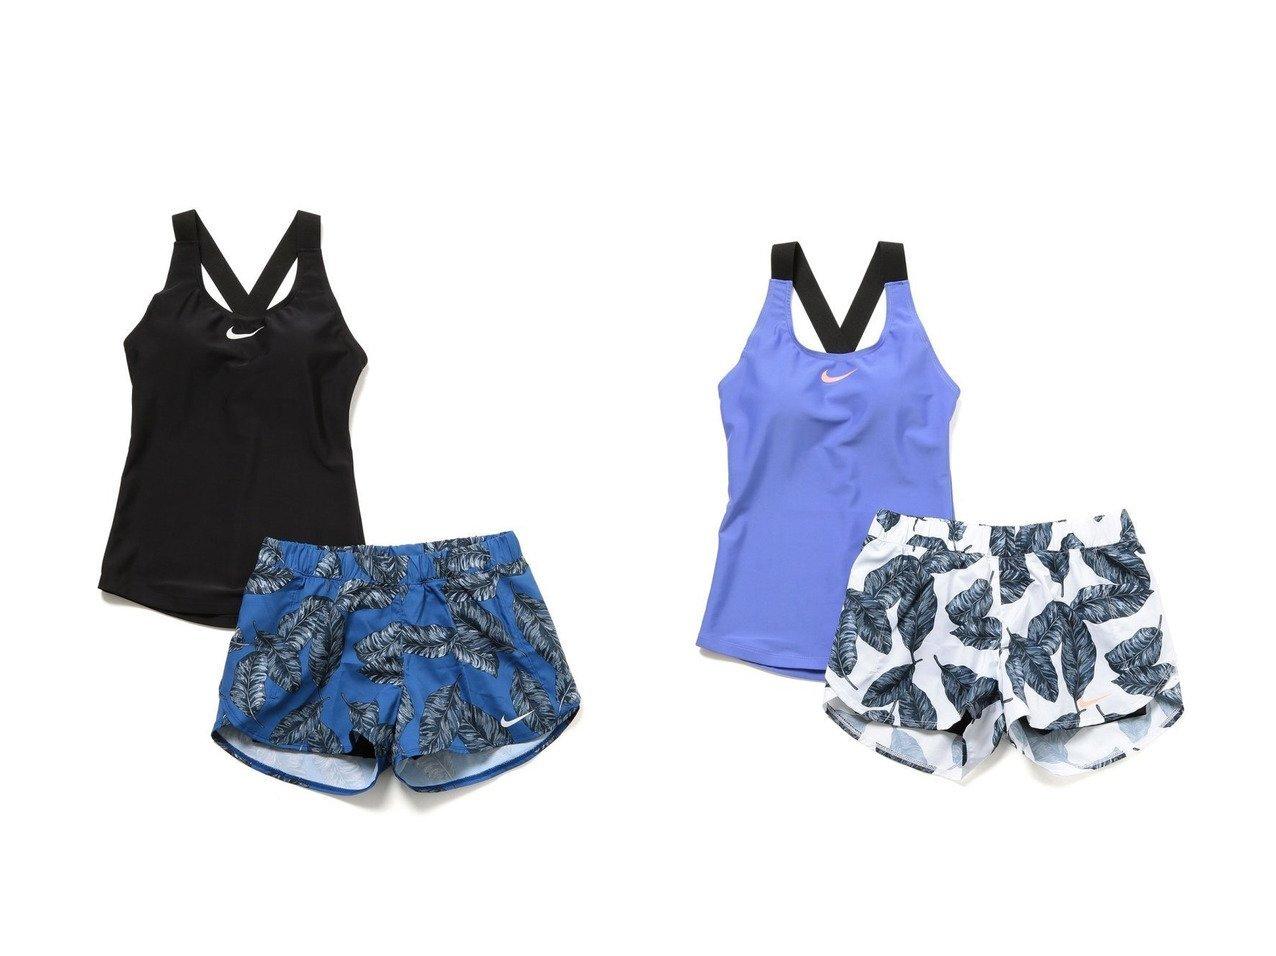 【NERGY/ナージー】の【NIKE】ナイキ グラフィック2in1セパレーツ スイムウェア ウィメンズ スポーツ・ヨガウェア、運動・ダイエットグッズなどのおすすめ!人気ファッション通販 おすすめで人気の流行・トレンド、ファッションの通販商品 メンズファッション・キッズファッション・インテリア・家具・レディースファッション・服の通販 founy(ファニー) https://founy.com/ ファッション Fashion レディースファッション WOMEN 水着 Swimwear 水着 Swimwear グラフィック ショート スポーツ プリント 水着 |ID:crp329100000023821